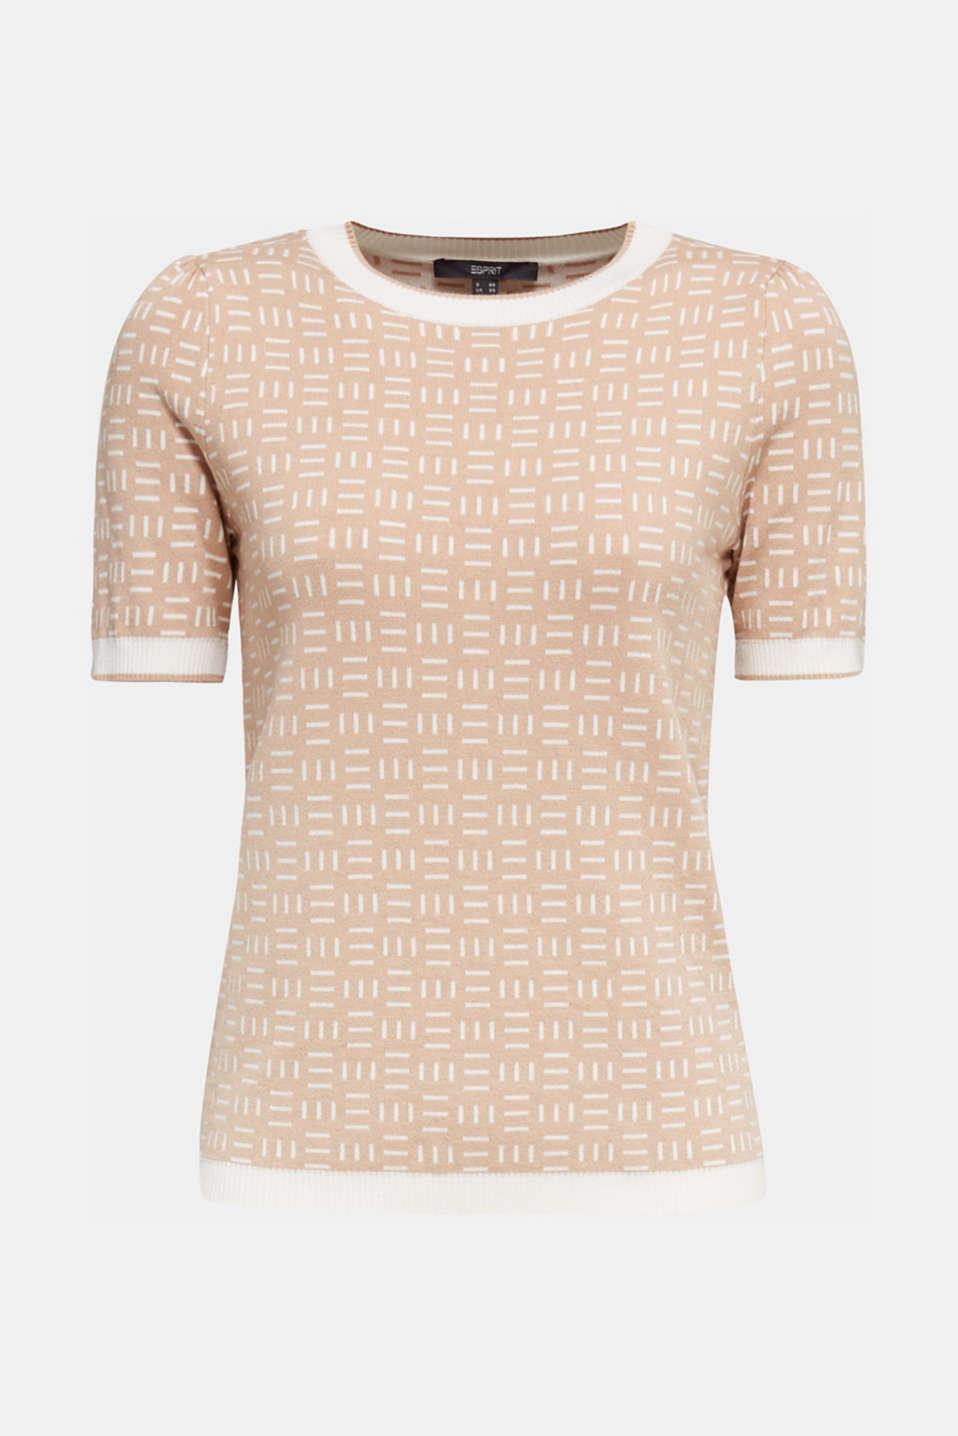 Short-sleeved jumper with a jacquard pattern, LIGHT BEIGE, detail image number 5